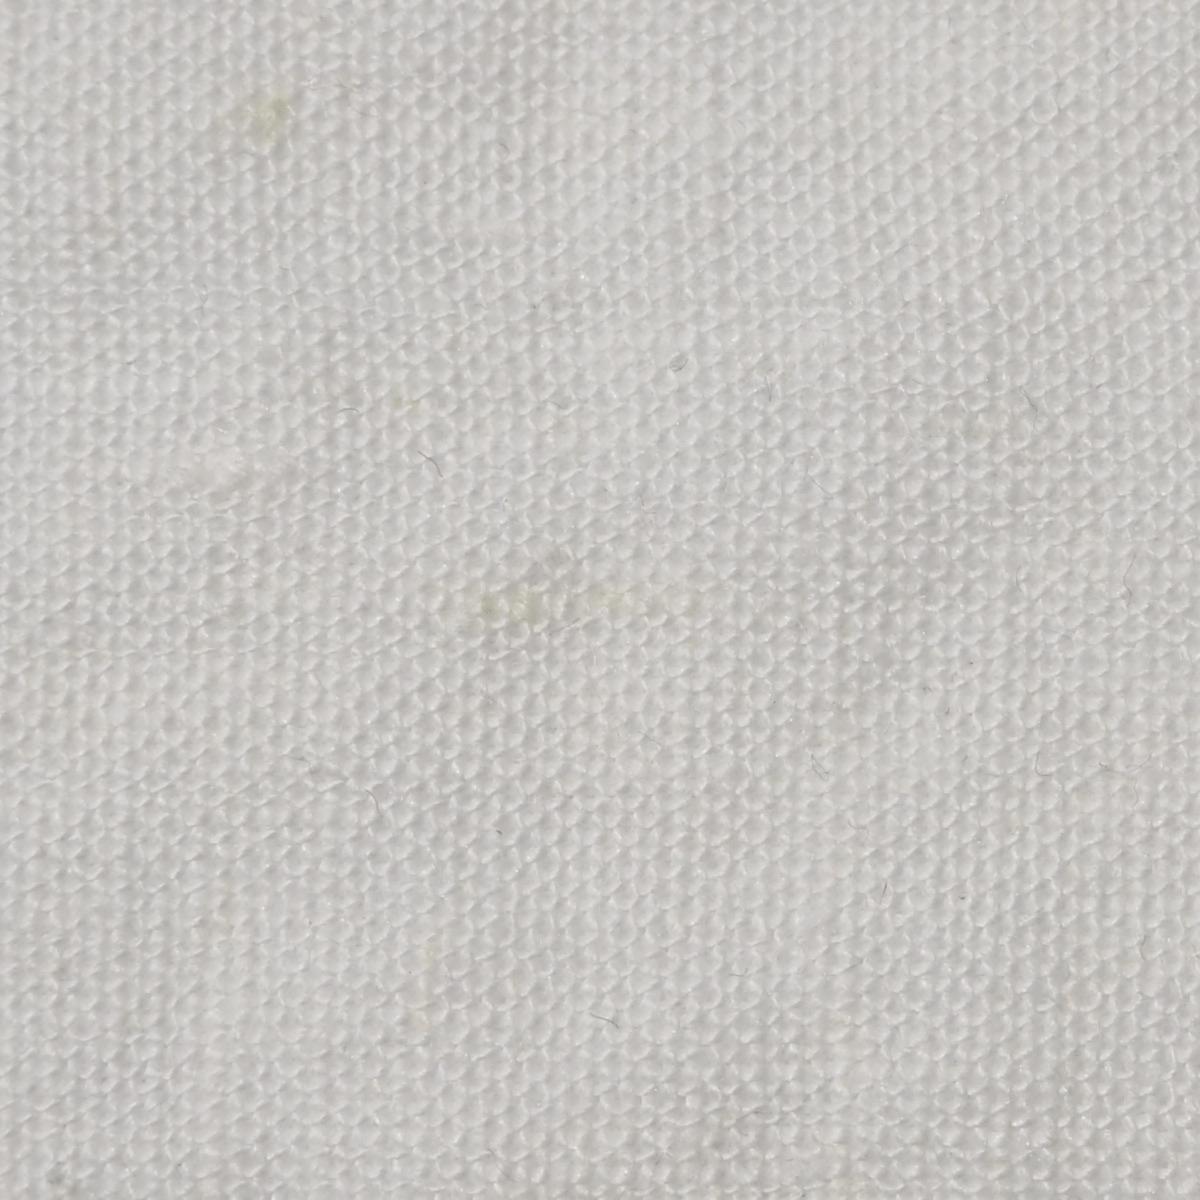 Lino color blanco